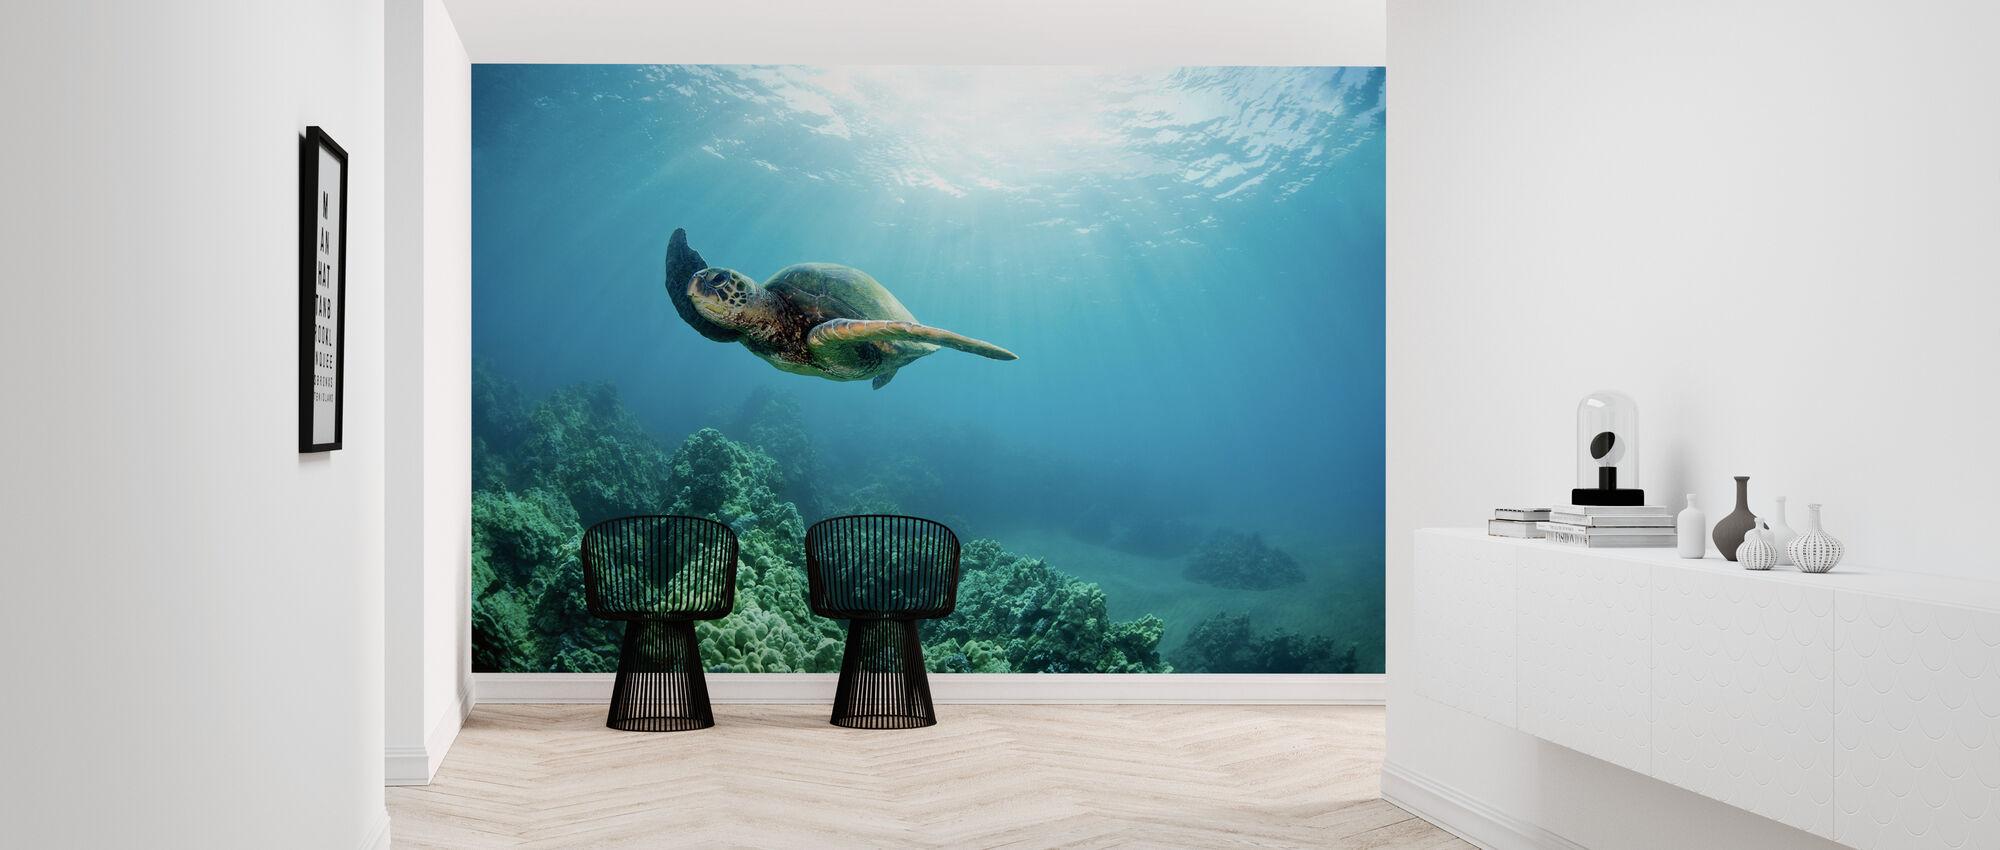 Hawaiian Green Sea Turtle - Wallpaper - Hallway